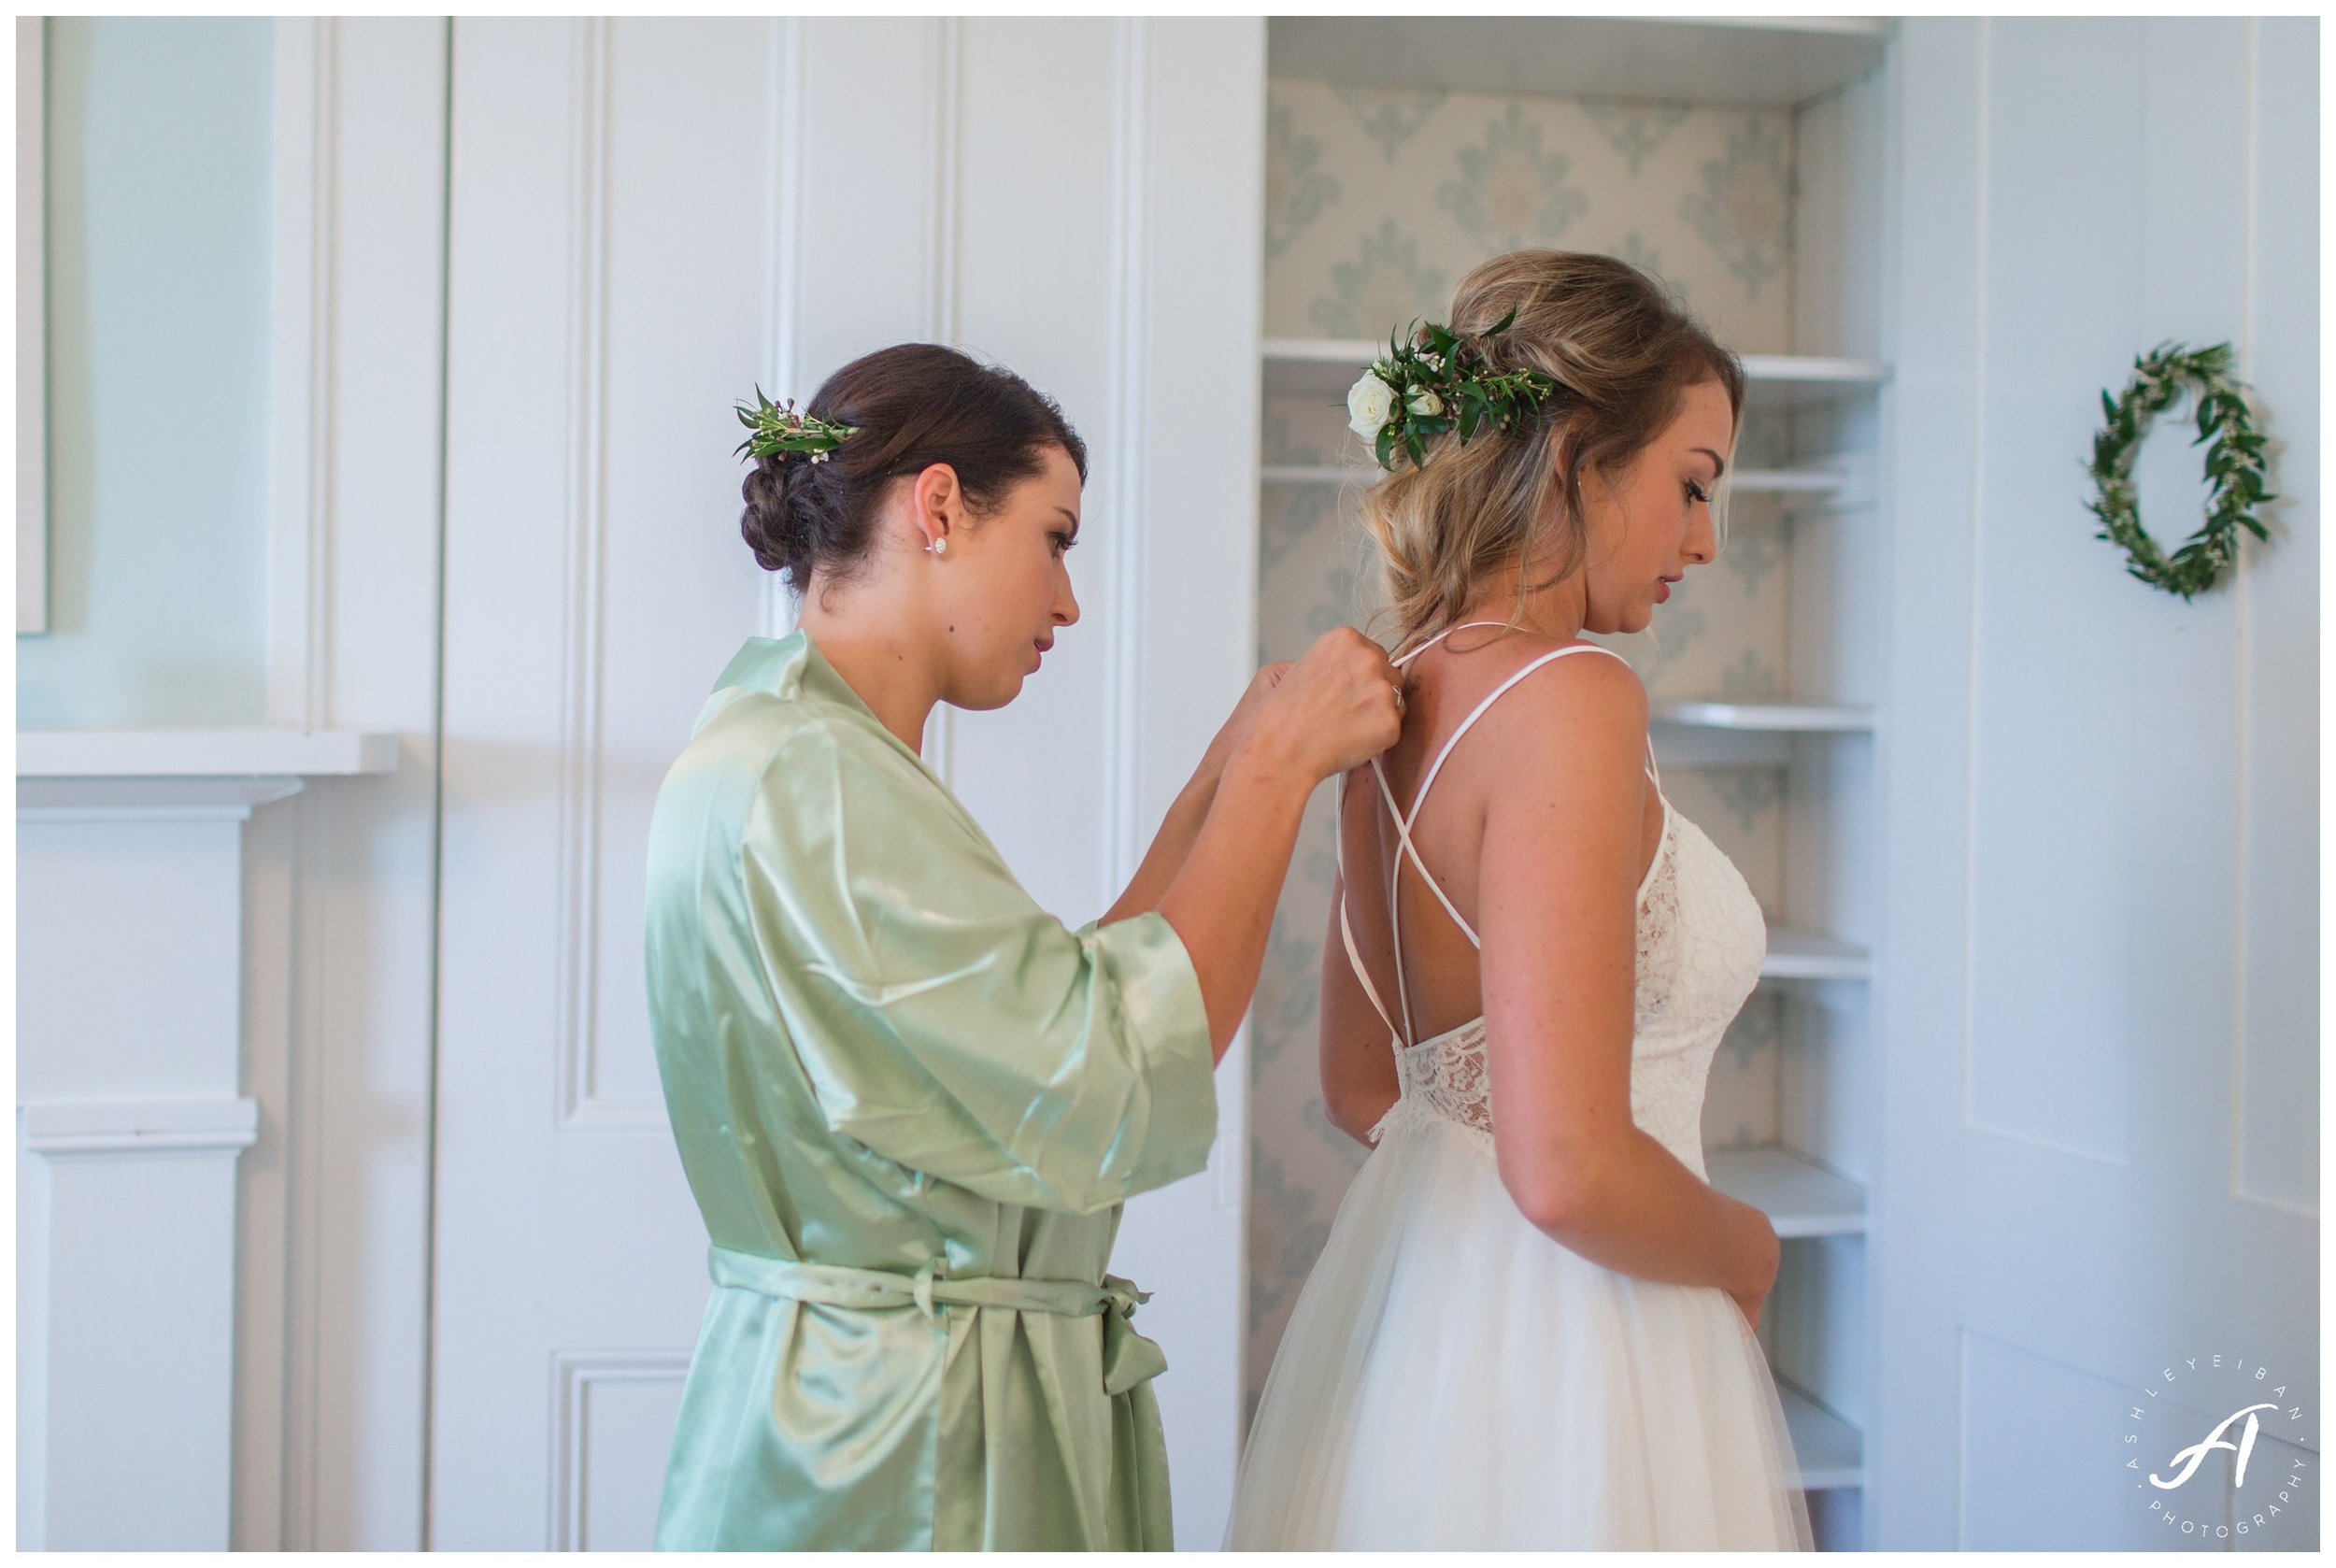 Lynchburg and Central Virginia Wedding Photographer || Trivium Estate Wedding || Ashley Eiban Photography || www.ashleyeiban.com